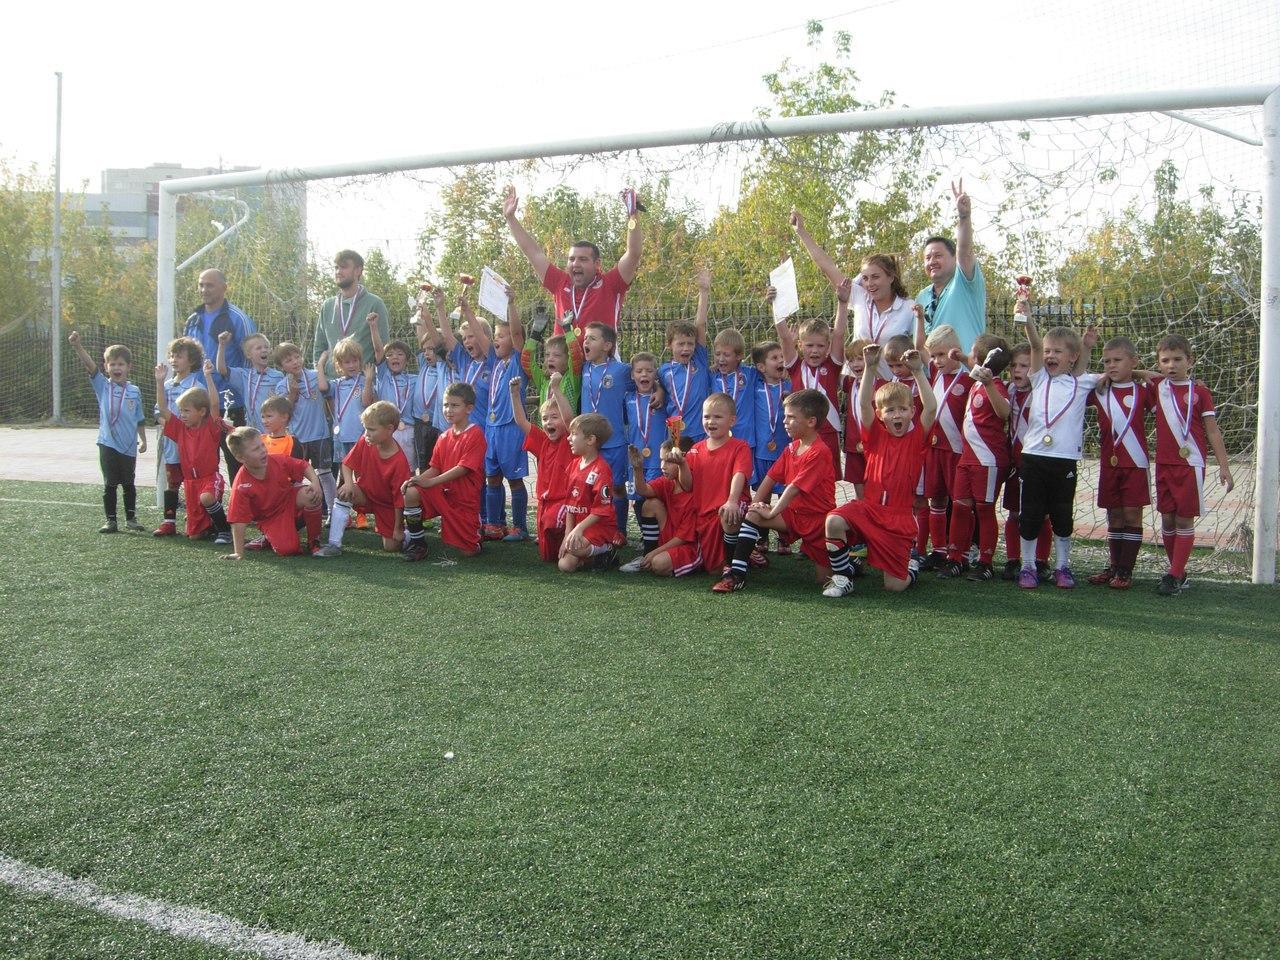 Результаты игр чемпионата города Подольска среди детских команд 2006, 2007/2008, 2009/2010 и 2010/2011 г.р. за 22.04.2017 года